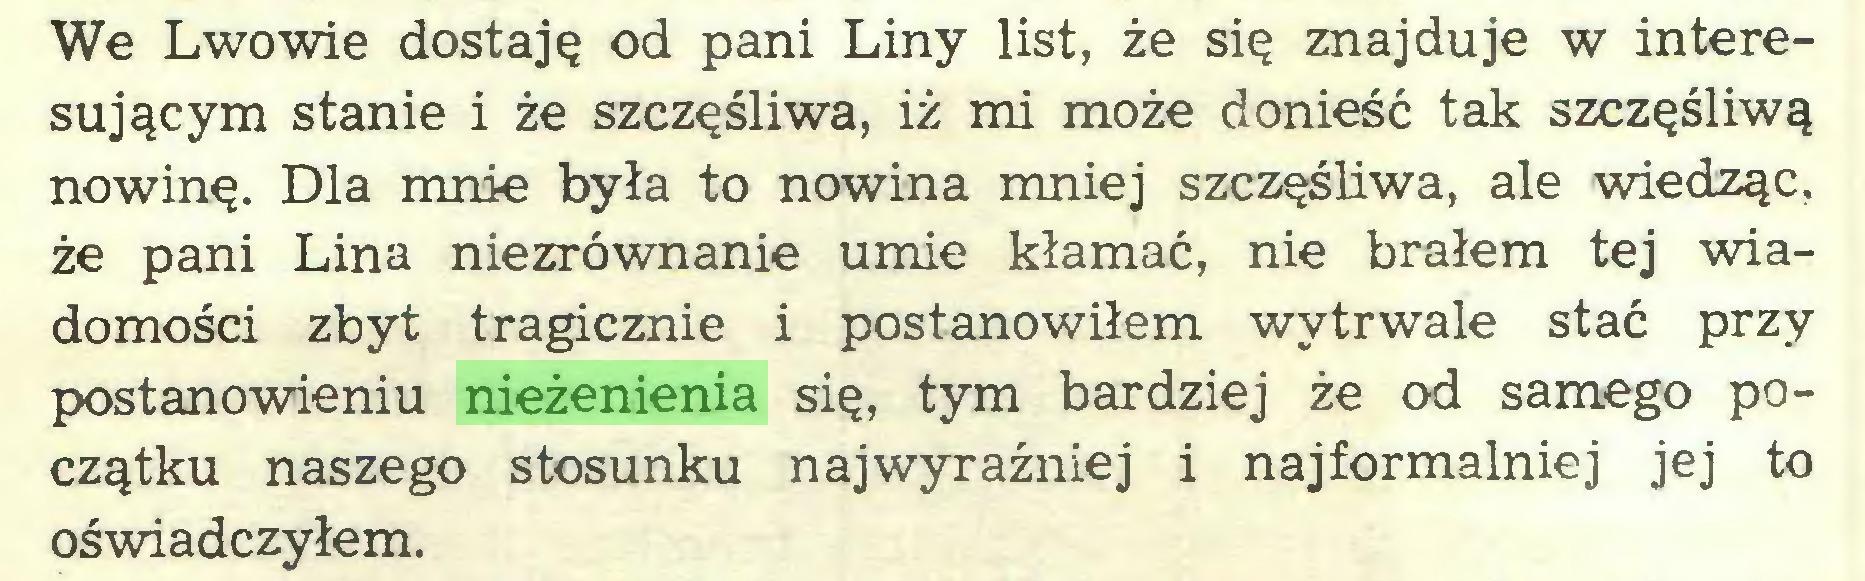 (...) We Lwowie dostaję od pani Liny list, że się znajduje w interesującym stanie i że szczęśliwa, iż mi może donieść tak szczęśliwą nowinę. Dla mnie była to nowina mniej szczęśliwa, ale wiedząc, że pani Lina niezrównanie umie kłamać, nie brałem tej wiadomości zbyt tragicznie i postanowiłem wytrwale stać przy postanowieniu nieżenienia się, tym bardziej że od samego początku naszego stosunku najwyraźniej i najformalniej jej to oświadczyłem...